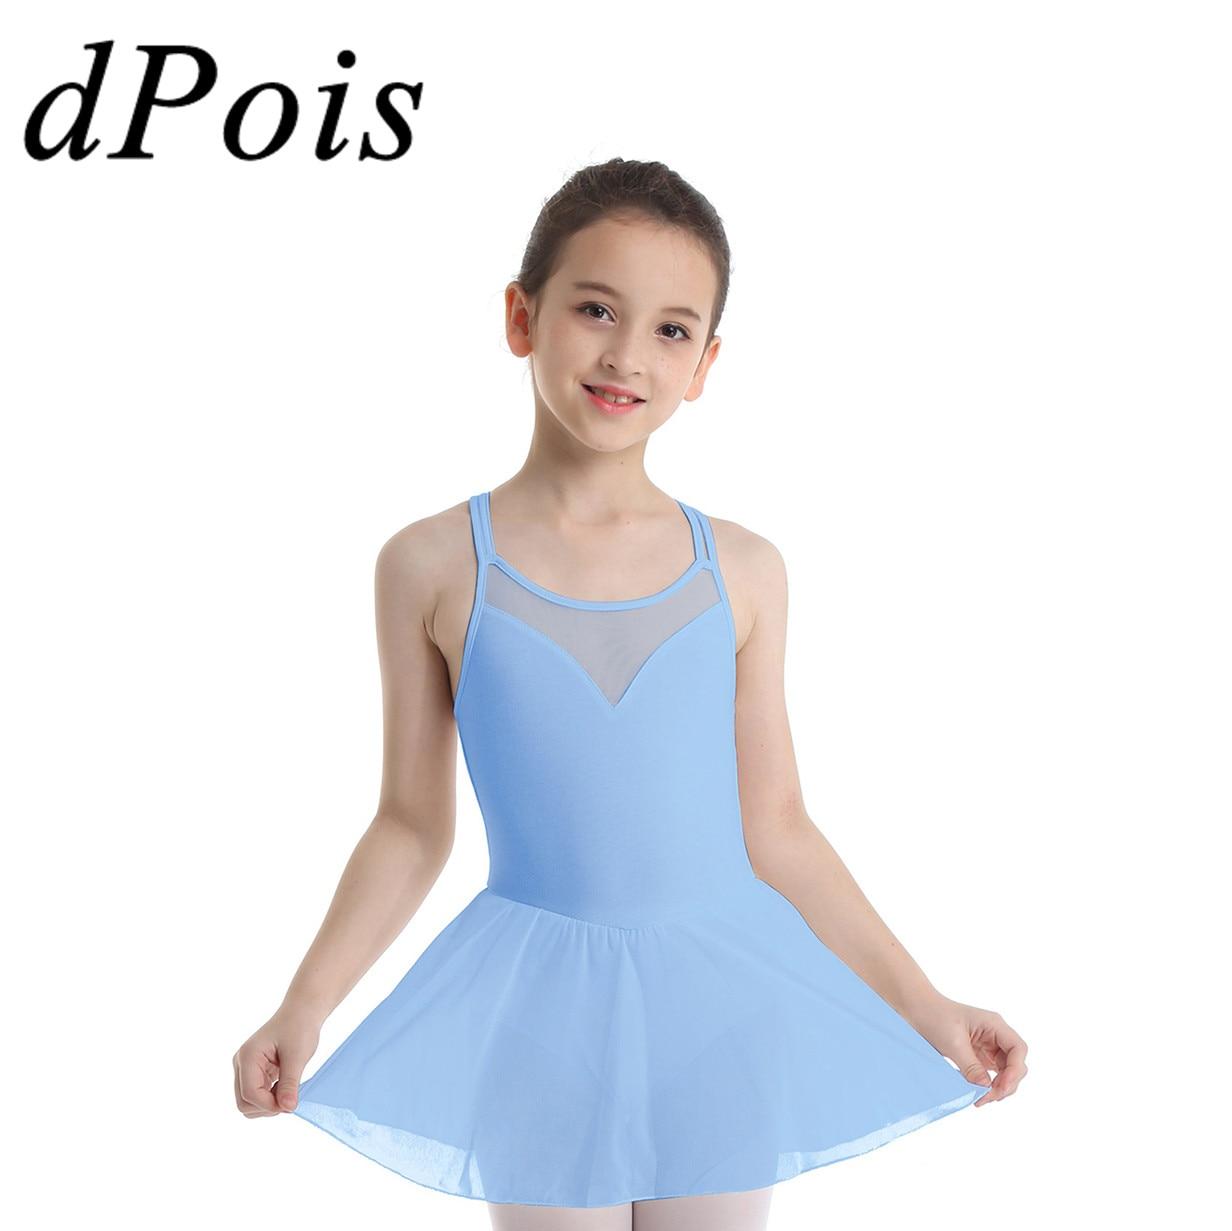 dPois Girls Long Sleeve Figure Ice Roller Skating Dress Outdoor Sport Tutu High Neck Ballet Dance Gymnastics Leotard Skirt